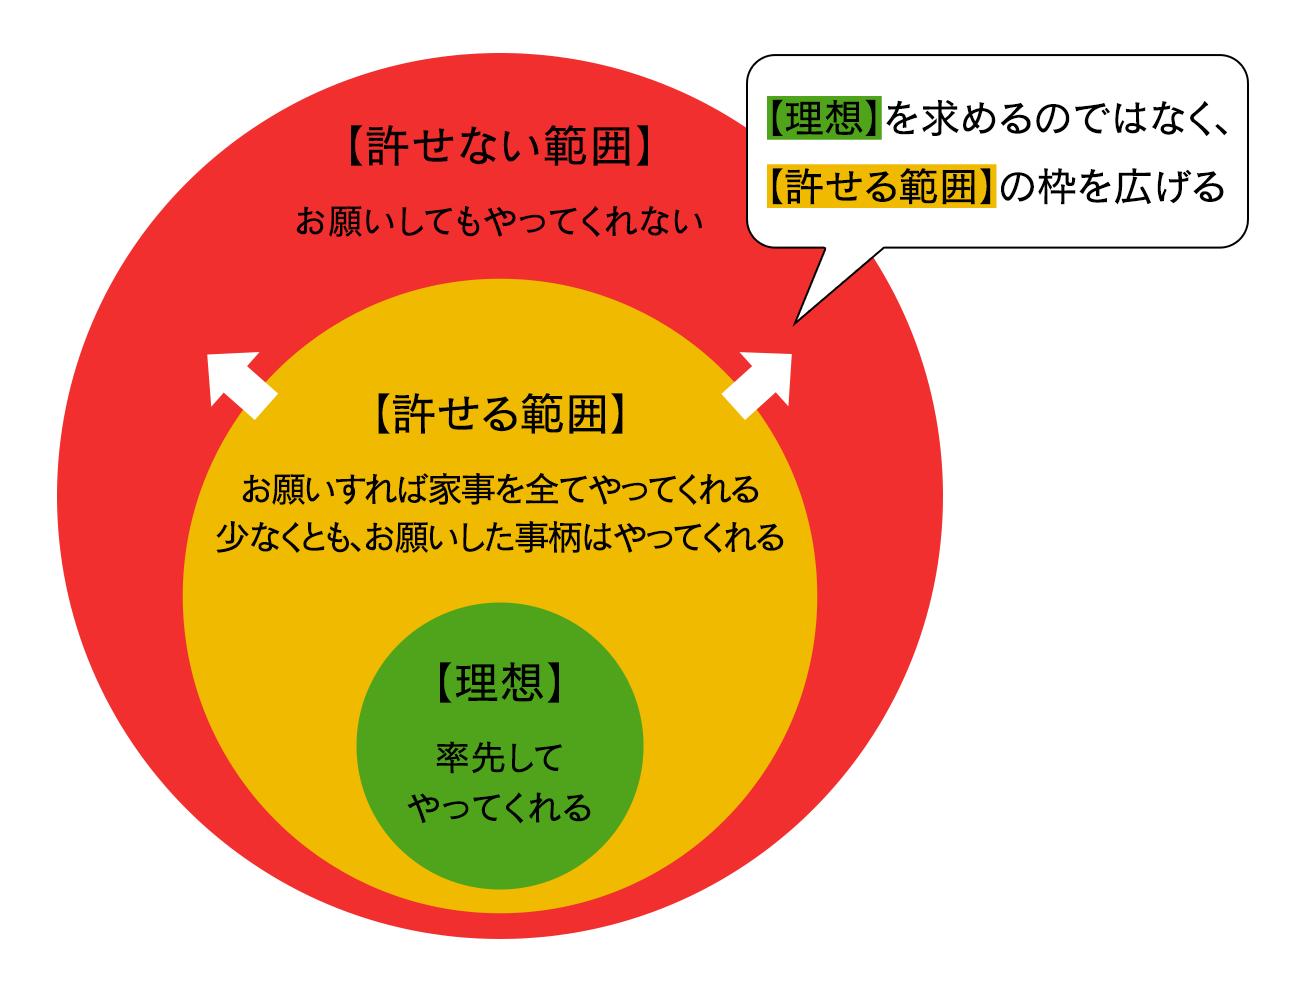 イライラ図2